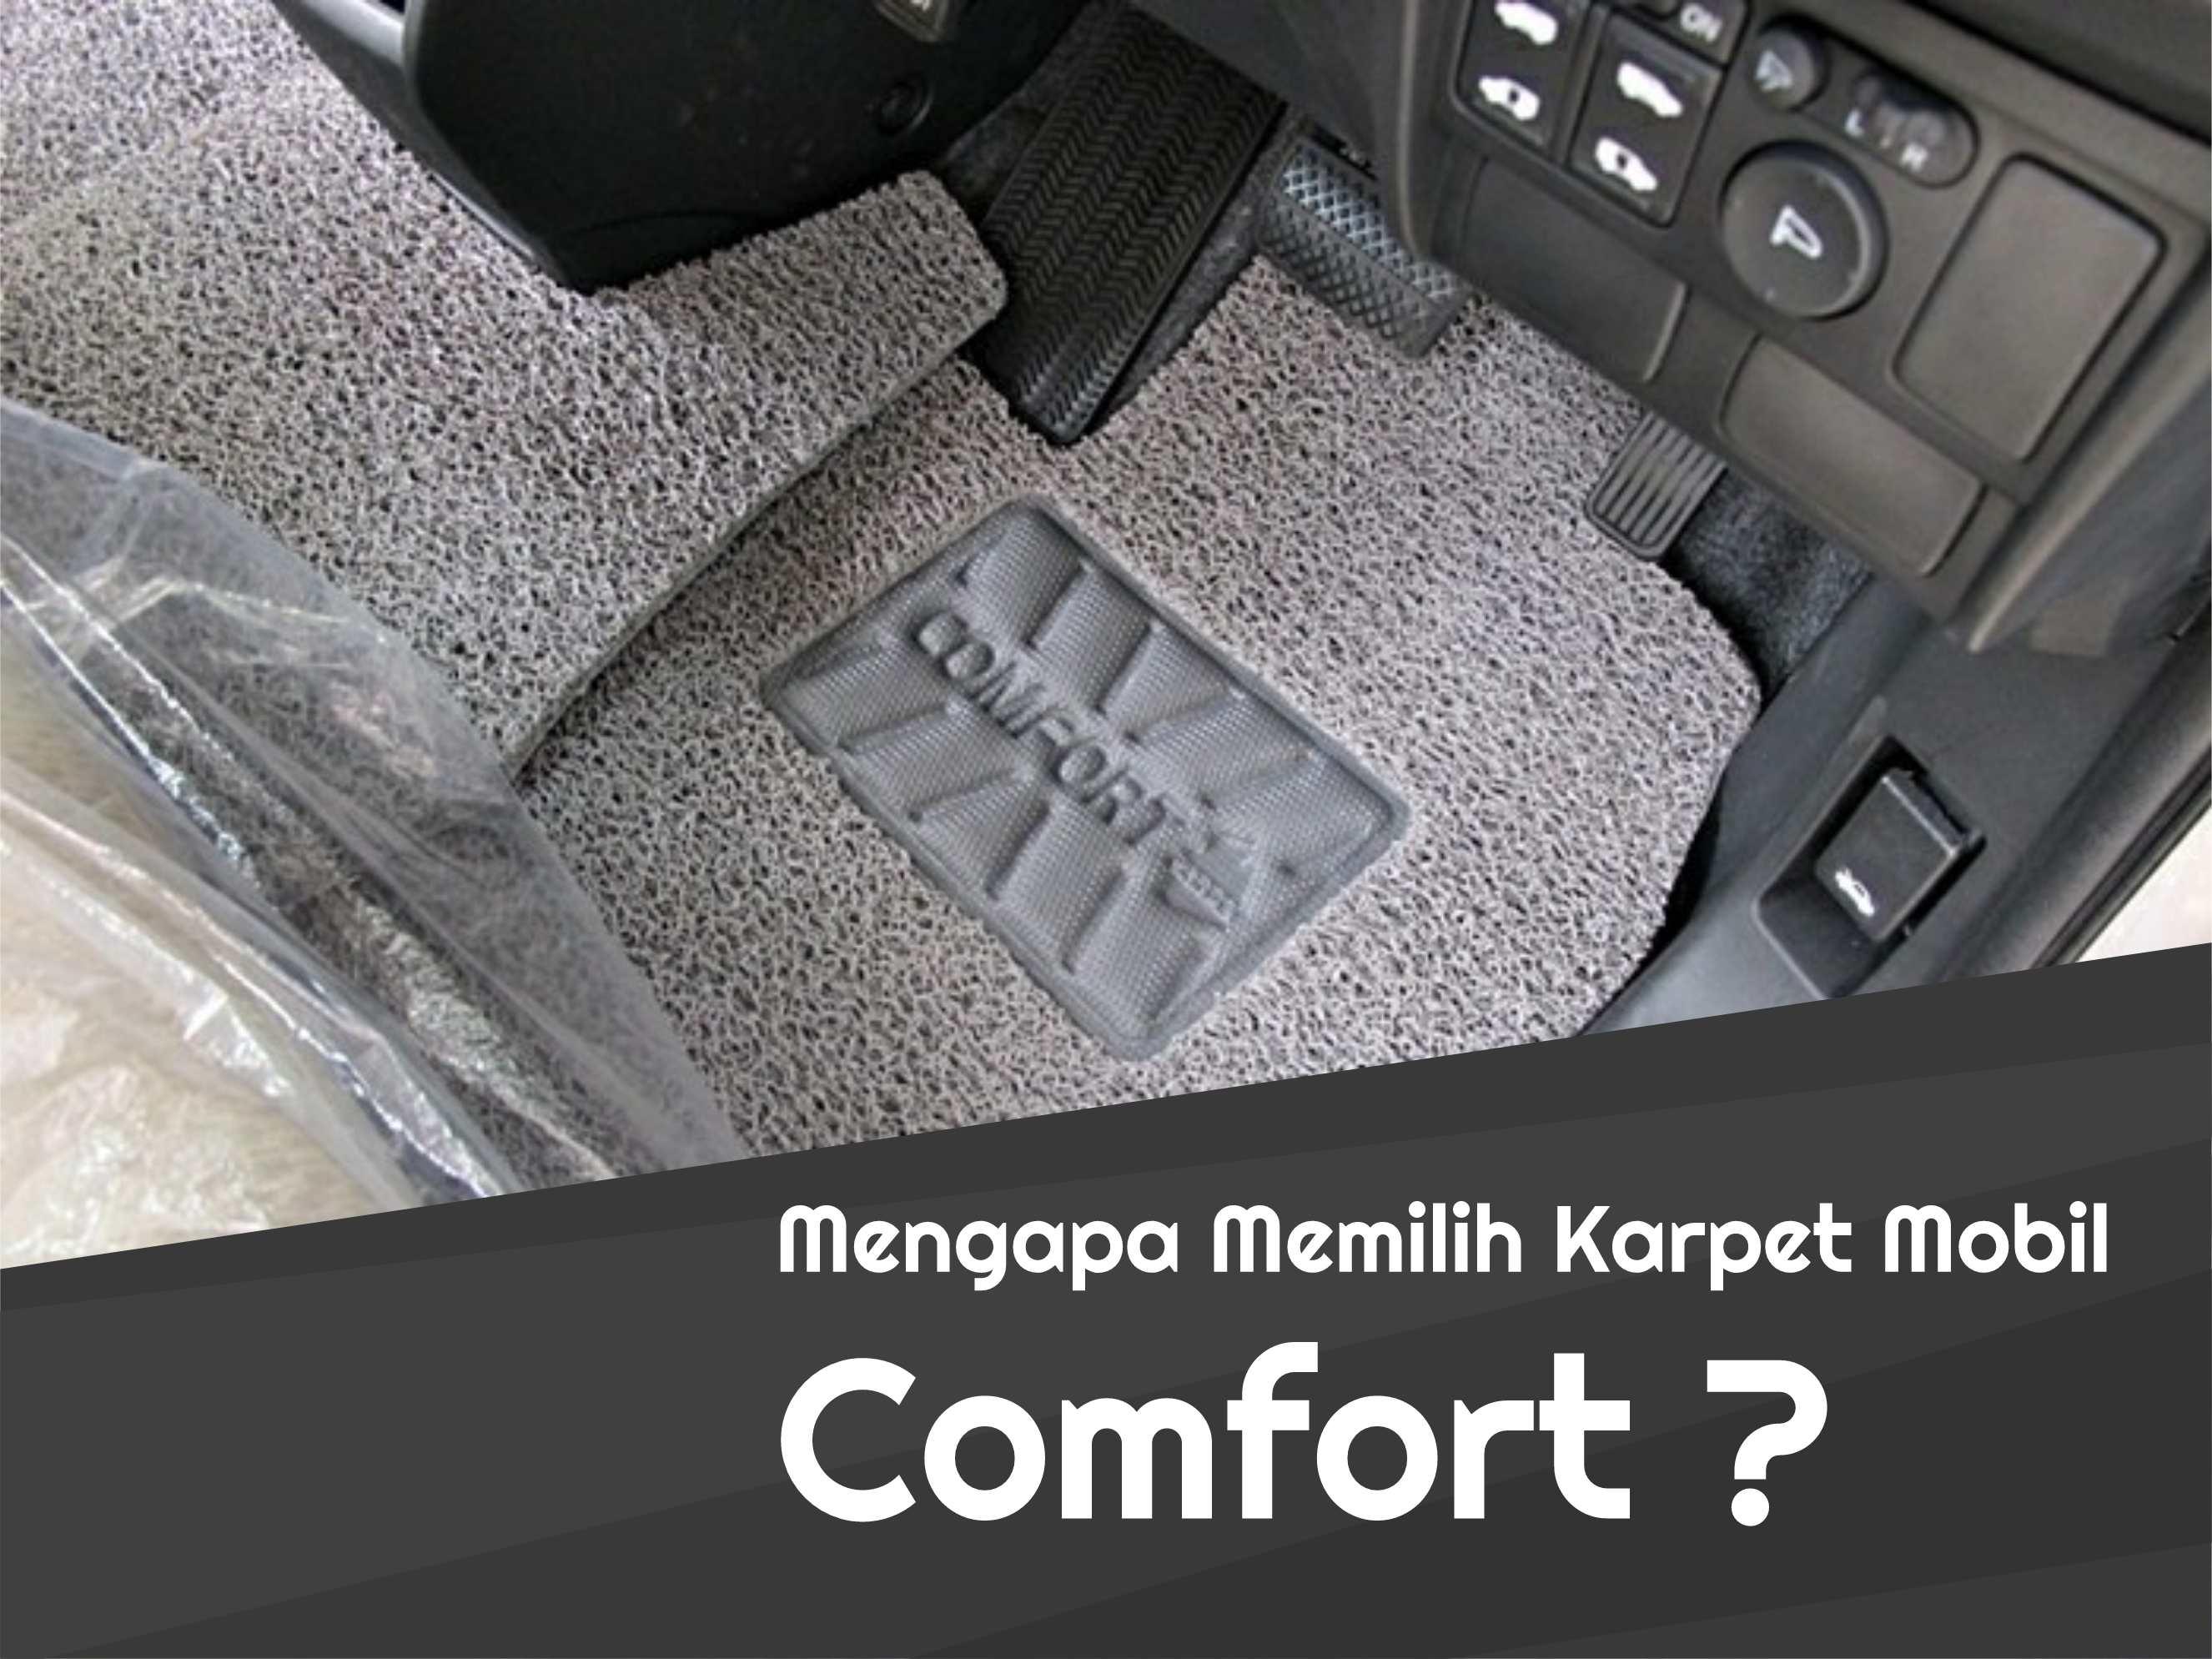 Mengapa Memilih Karpet Mobil Comfort?